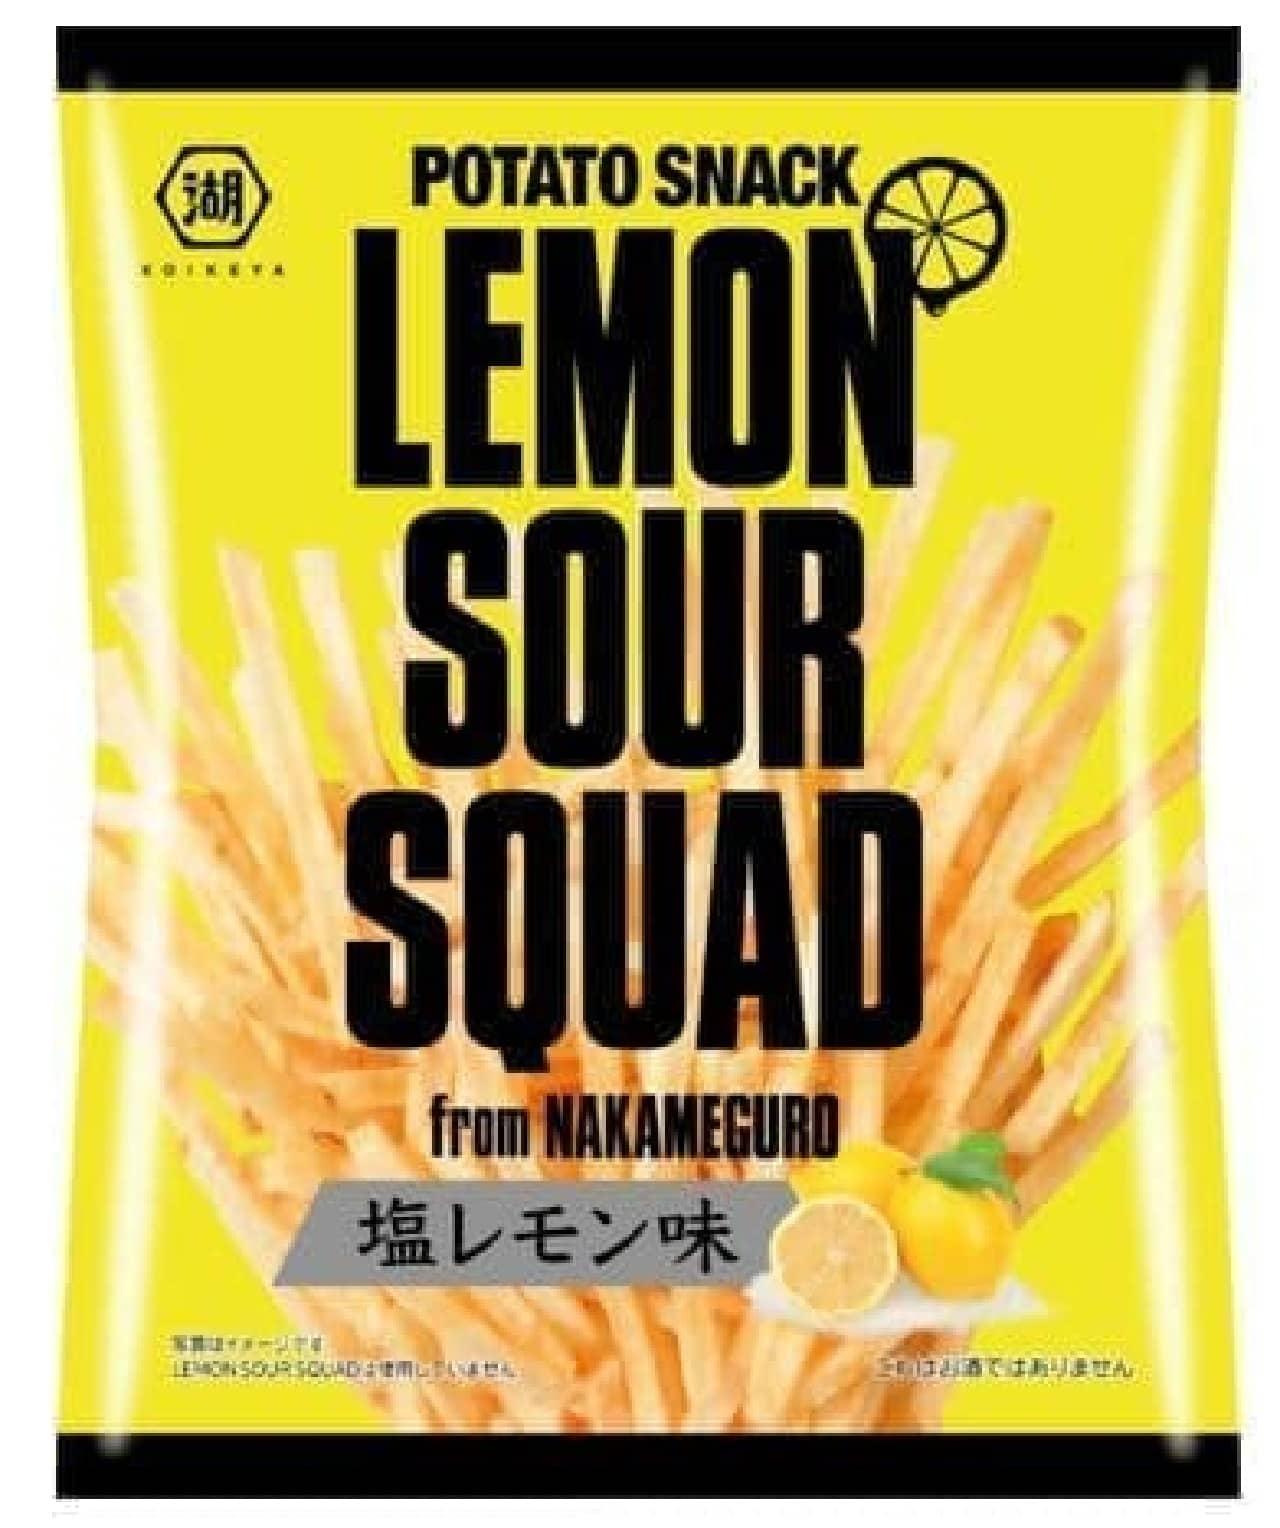 ローソン限定「スティックポテト 塩レモン味」